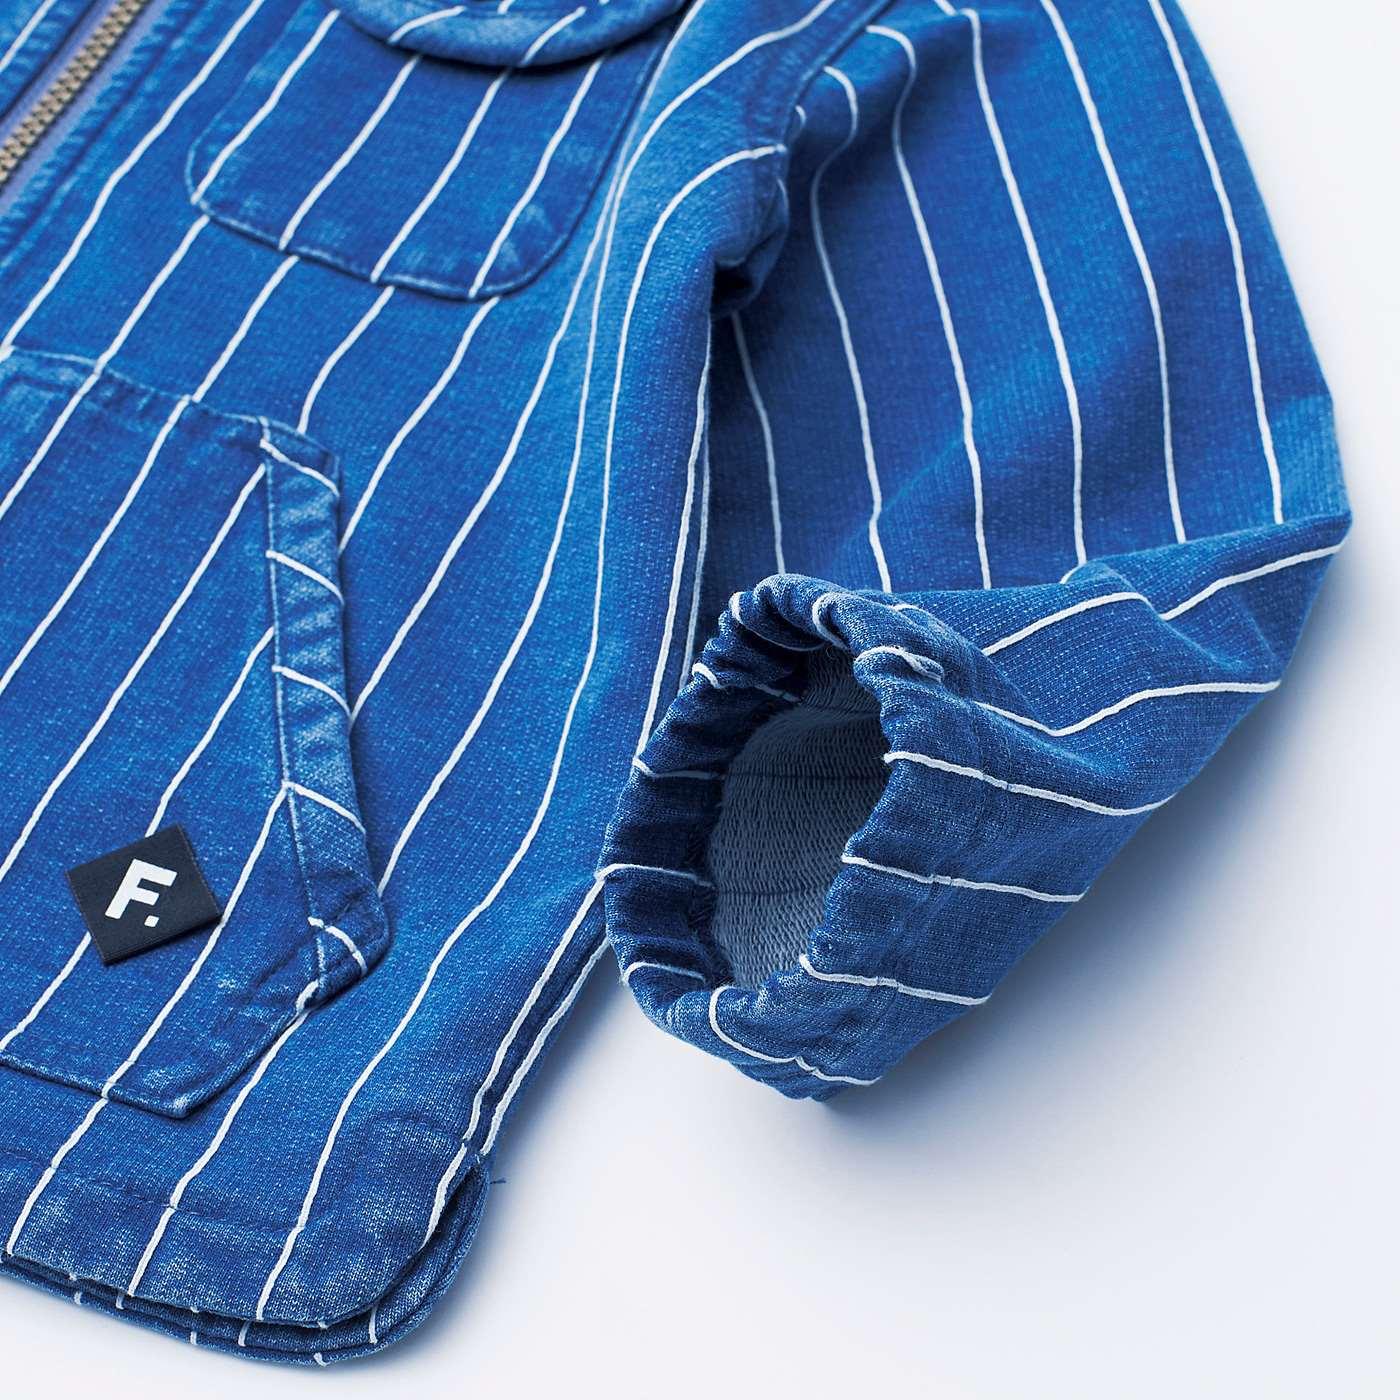 袖口にゴムが入っているので、手を洗う時に袖まくりができて便利。たくし上げれば、少し大きめサイズもOK!